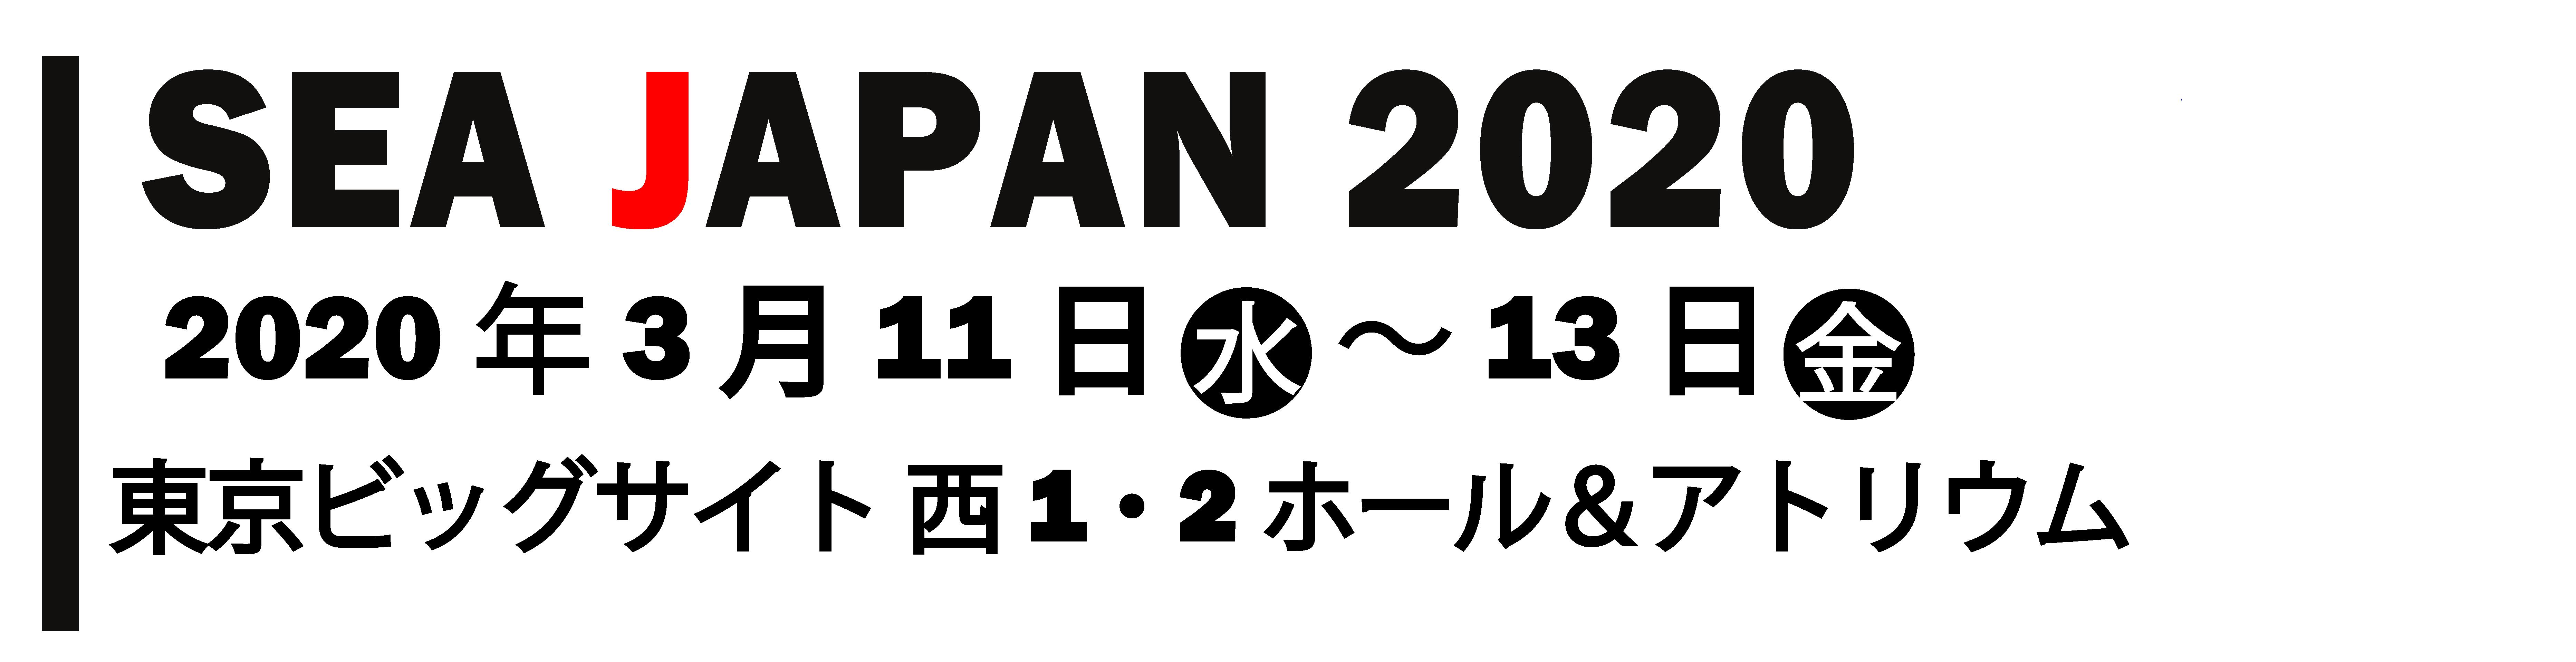 Sea Japan 2020 2020年3月11日(水)~13日(金)東京ビッグサイト西ホール